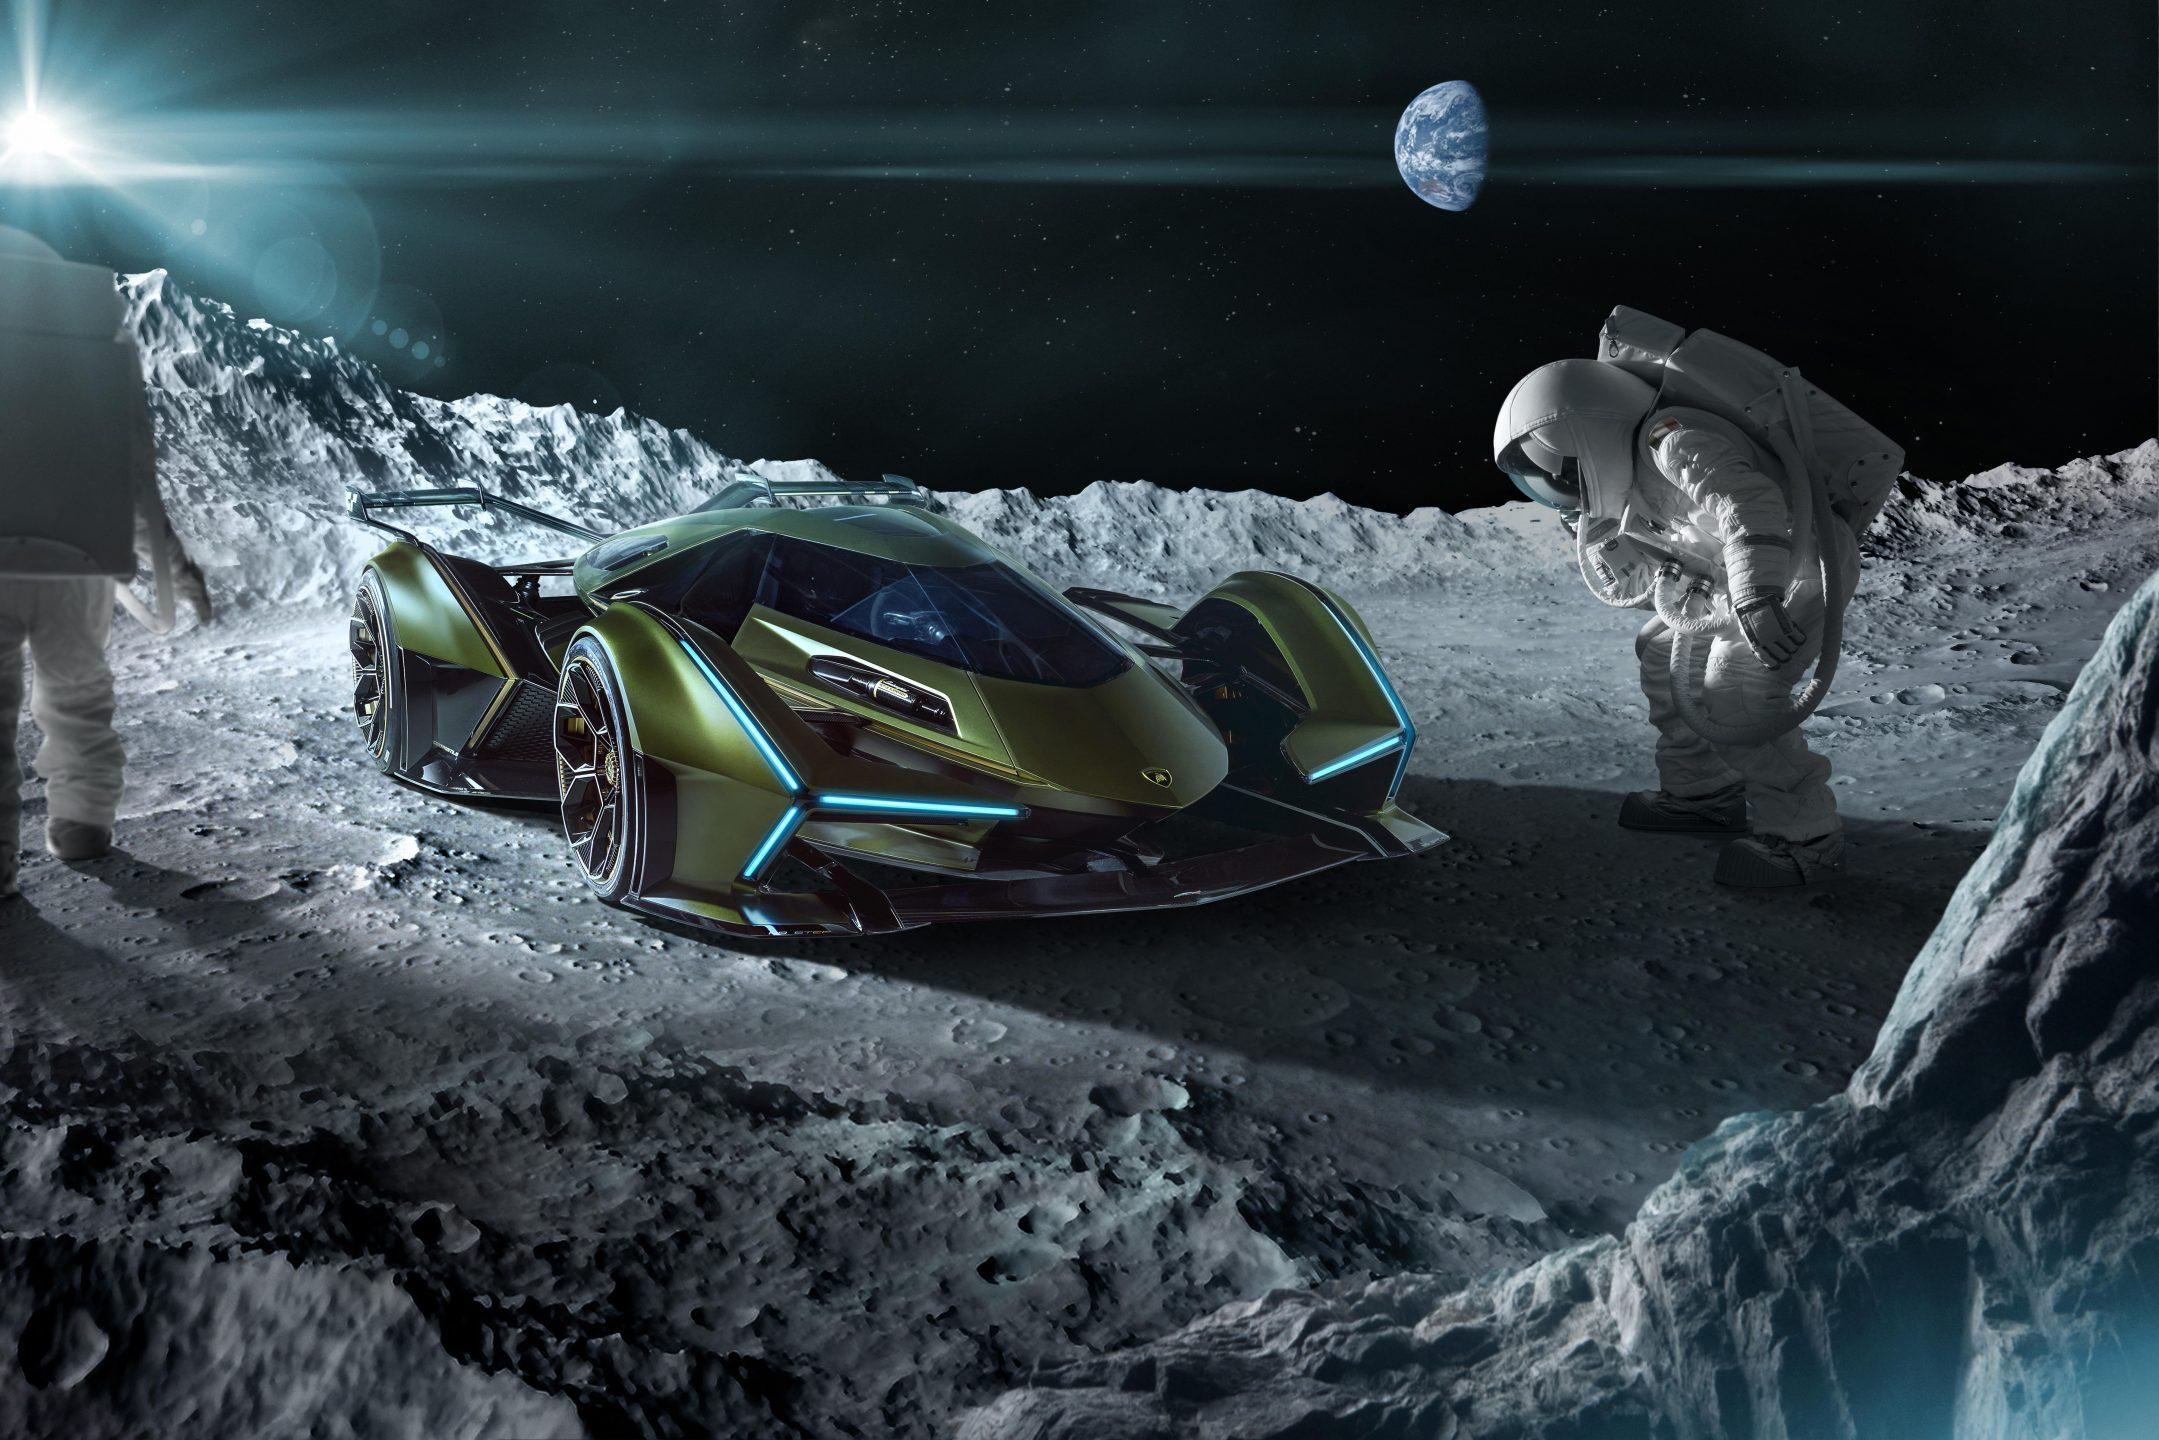 Lambo V12 Vision Gran Turismo, la concept virtuale di Lamborghini